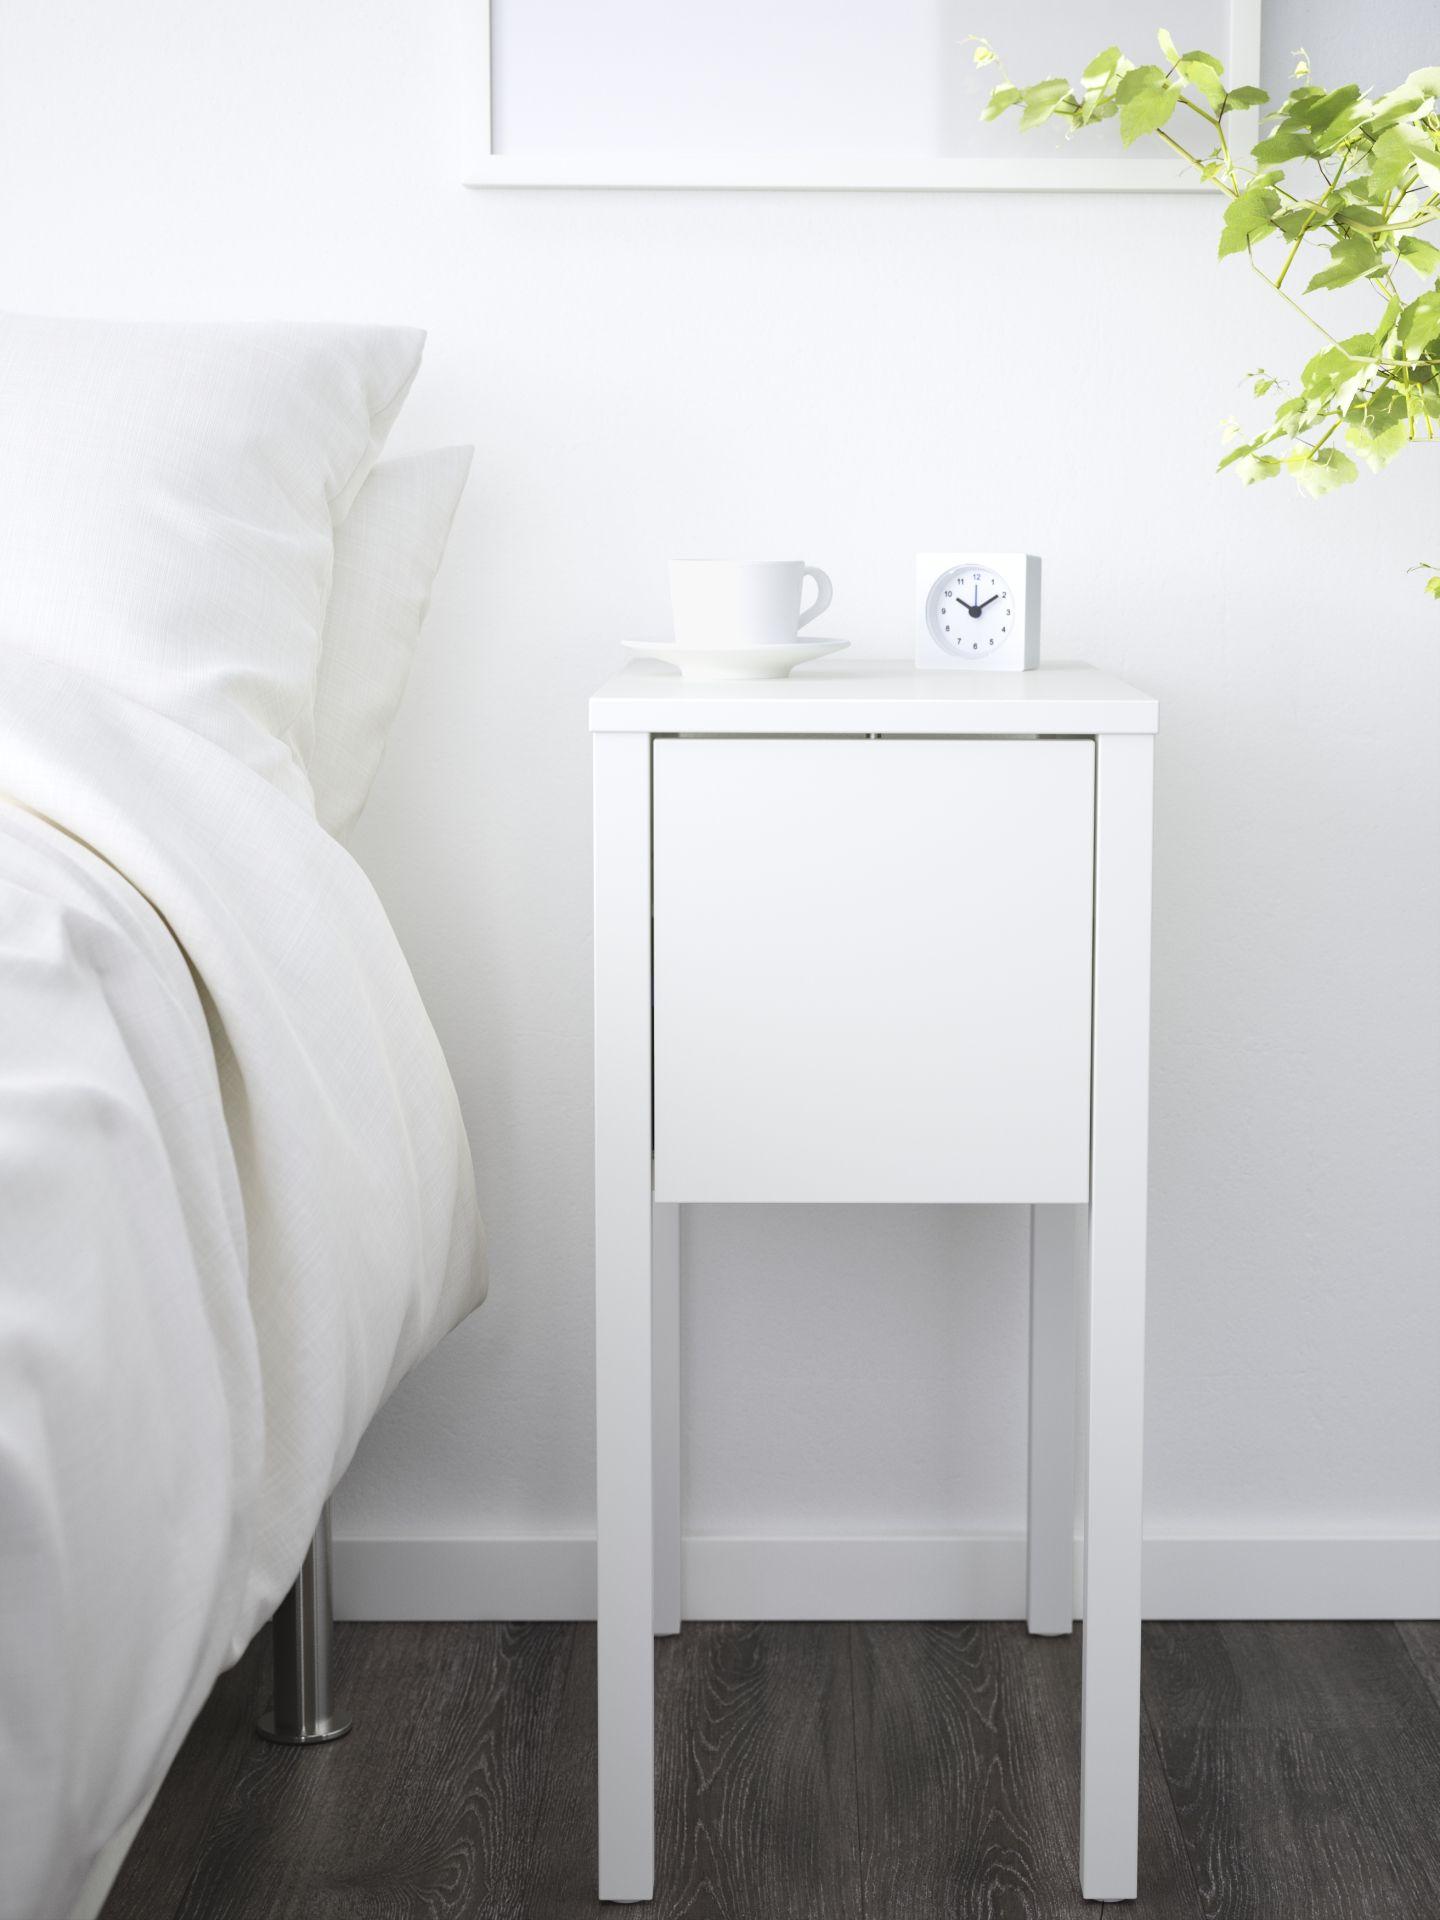 Bed Kast Nachtkastje.Nordli Nachtkastje Wit Nachtkastje Ikea Small Bedroom Small